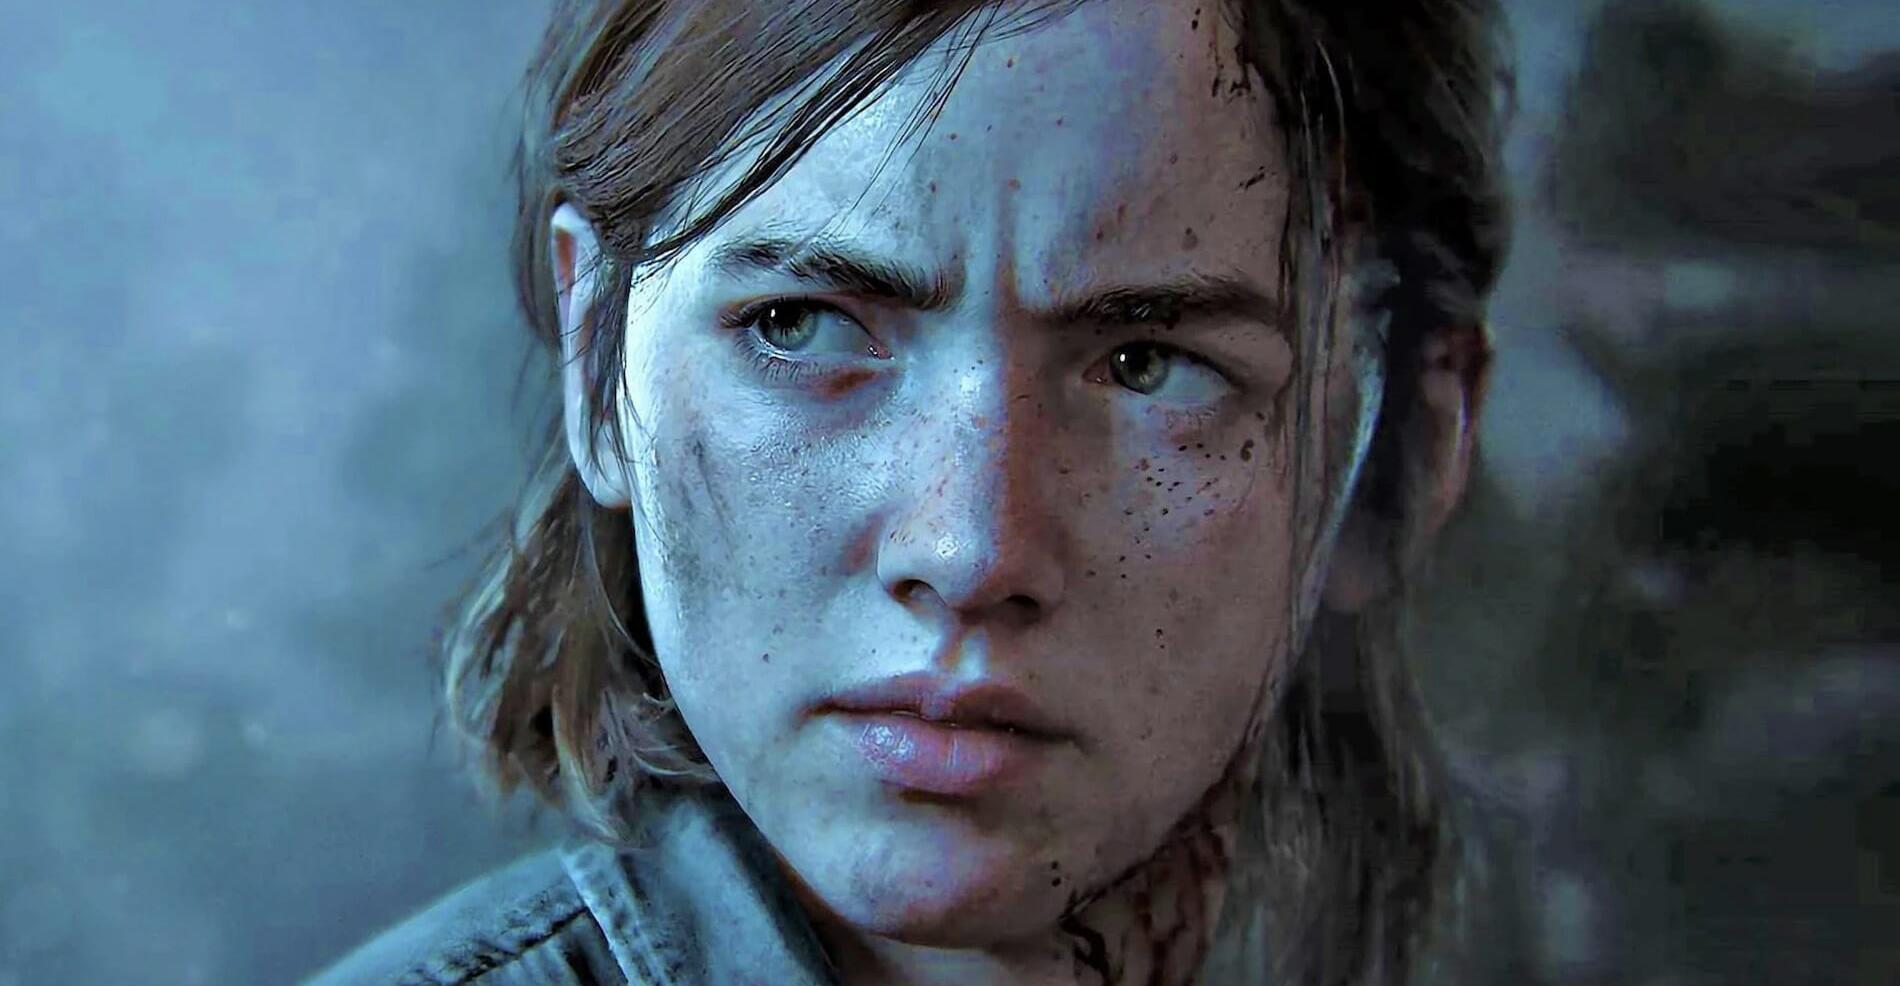 Creadores de 'The Last of Us Part II' reciben amenazas de muerte por incluir a la comunidad LGBT en la historia